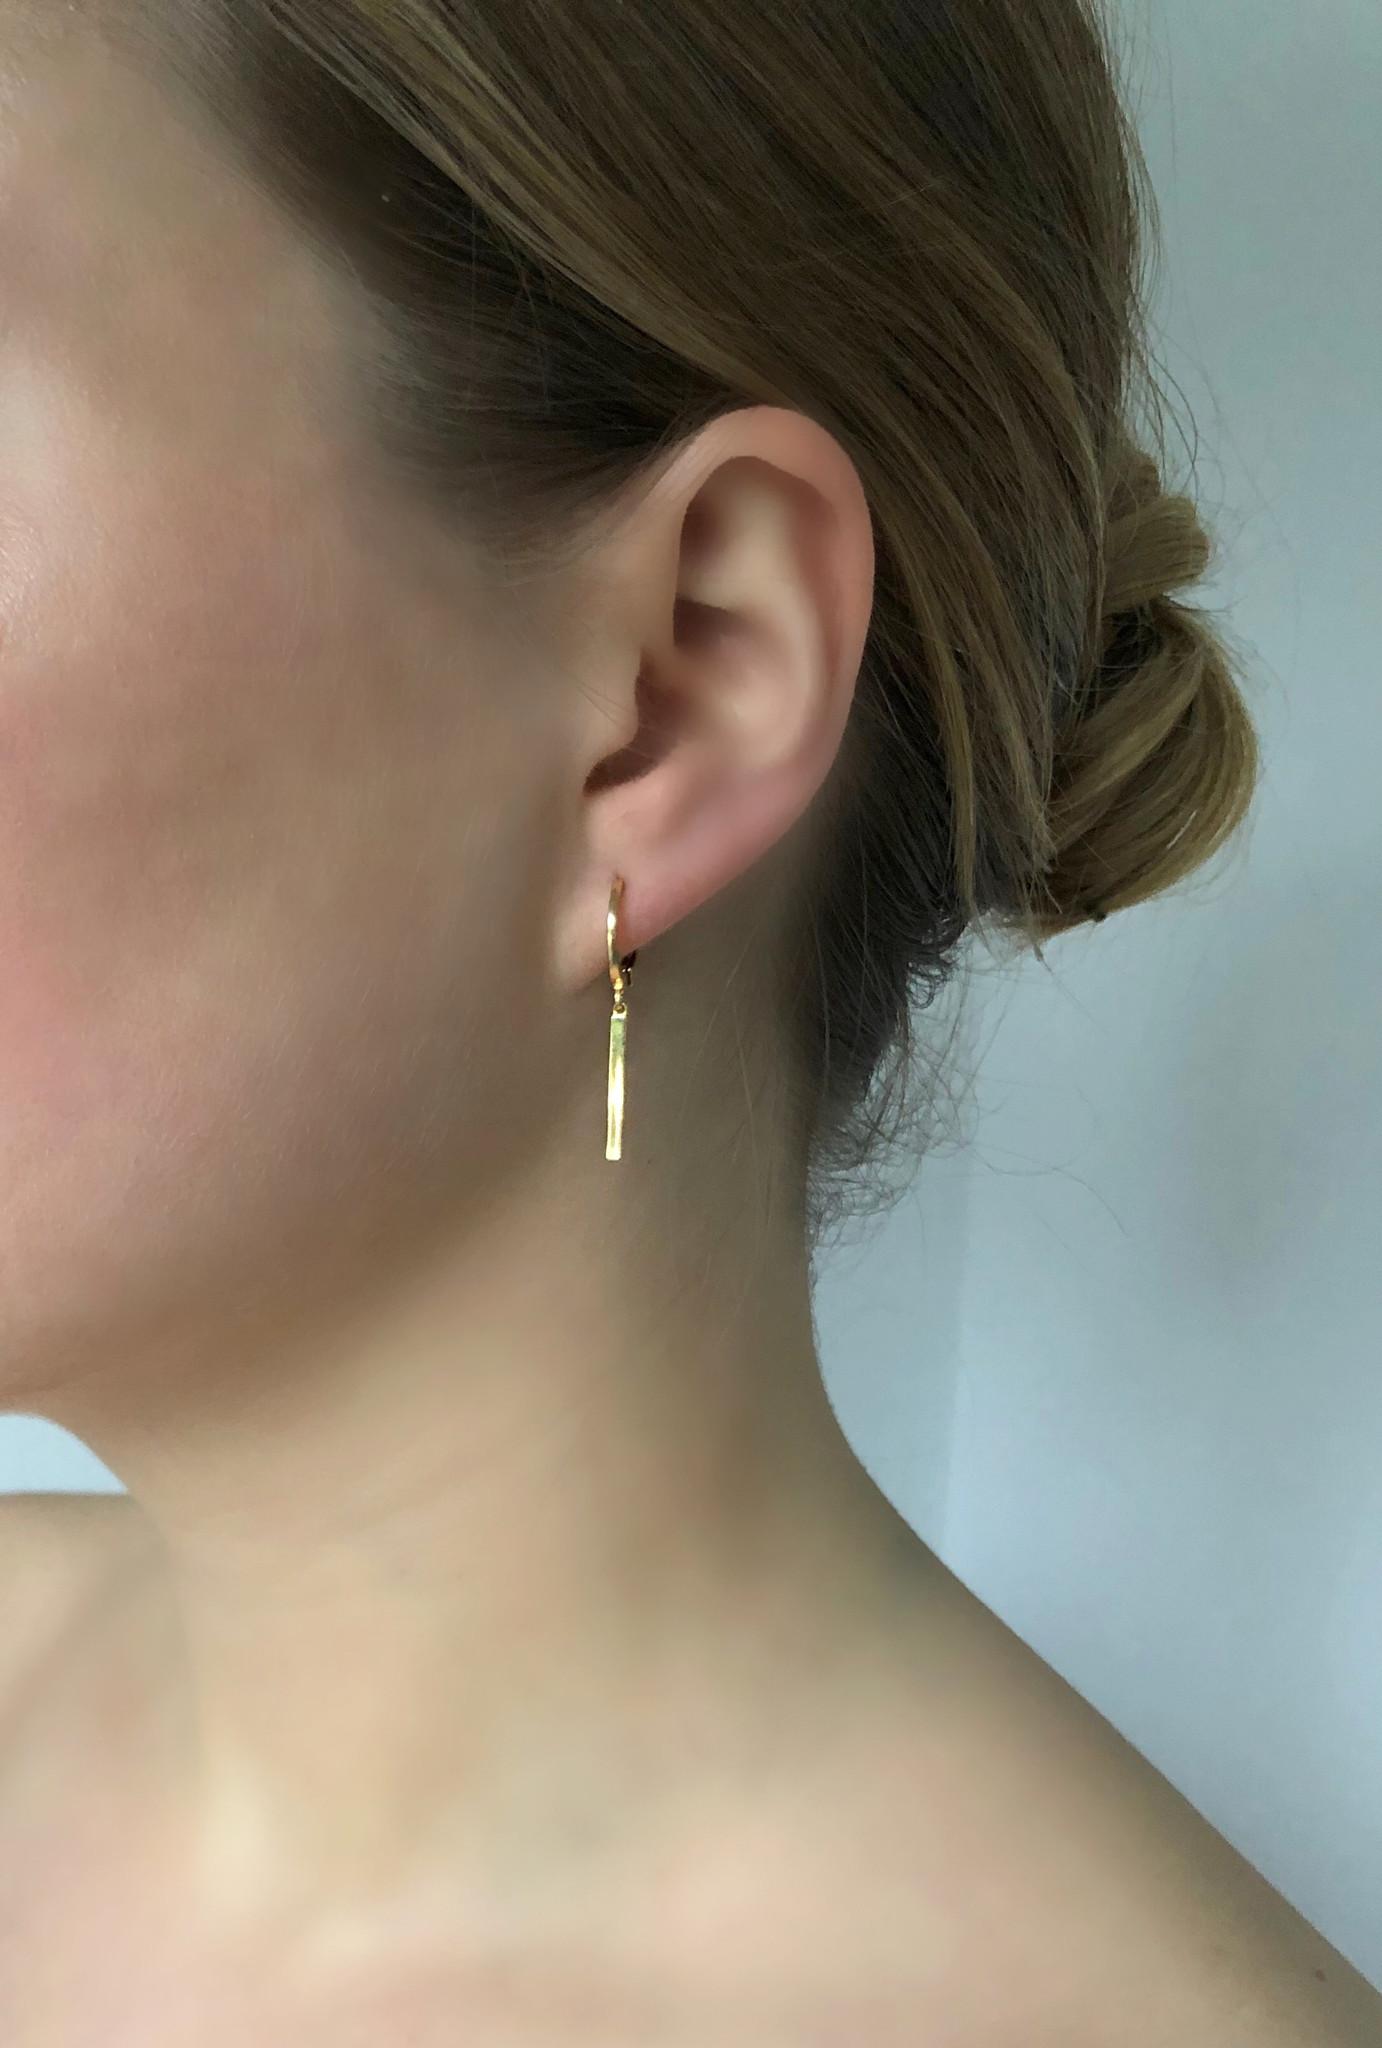 Ellen Beekmans  EARRINGS WITH STICK PENDANT